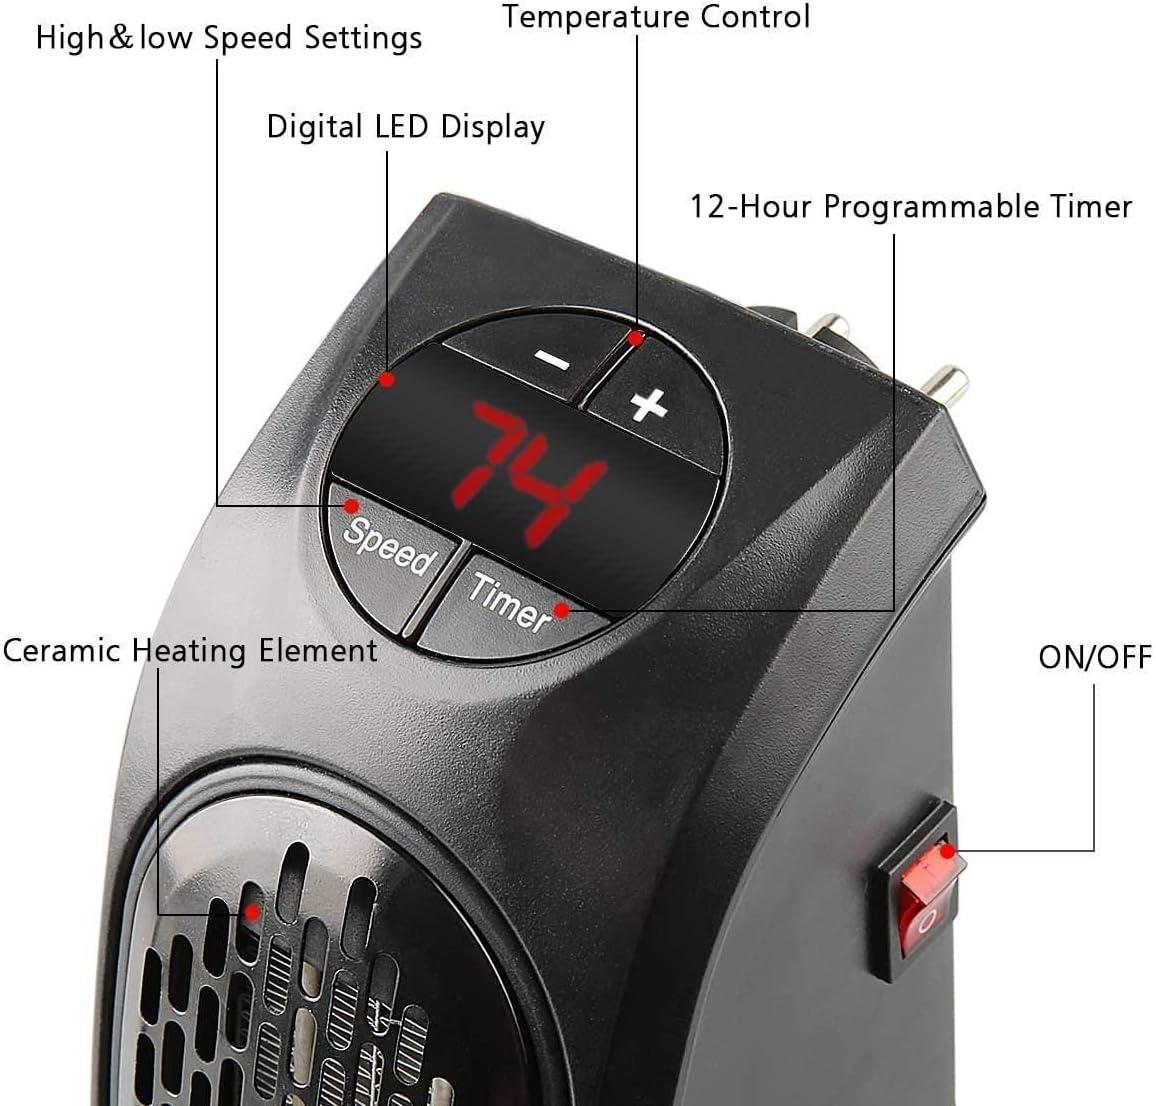 Heure 12h Oscillation Automatique 2 Chauds et 1 Froid Param/ètres T/él/écommande Mural Imperm/éable pour Salle de Bain PTC C/éramique /Électrique Radiateur Soufflant